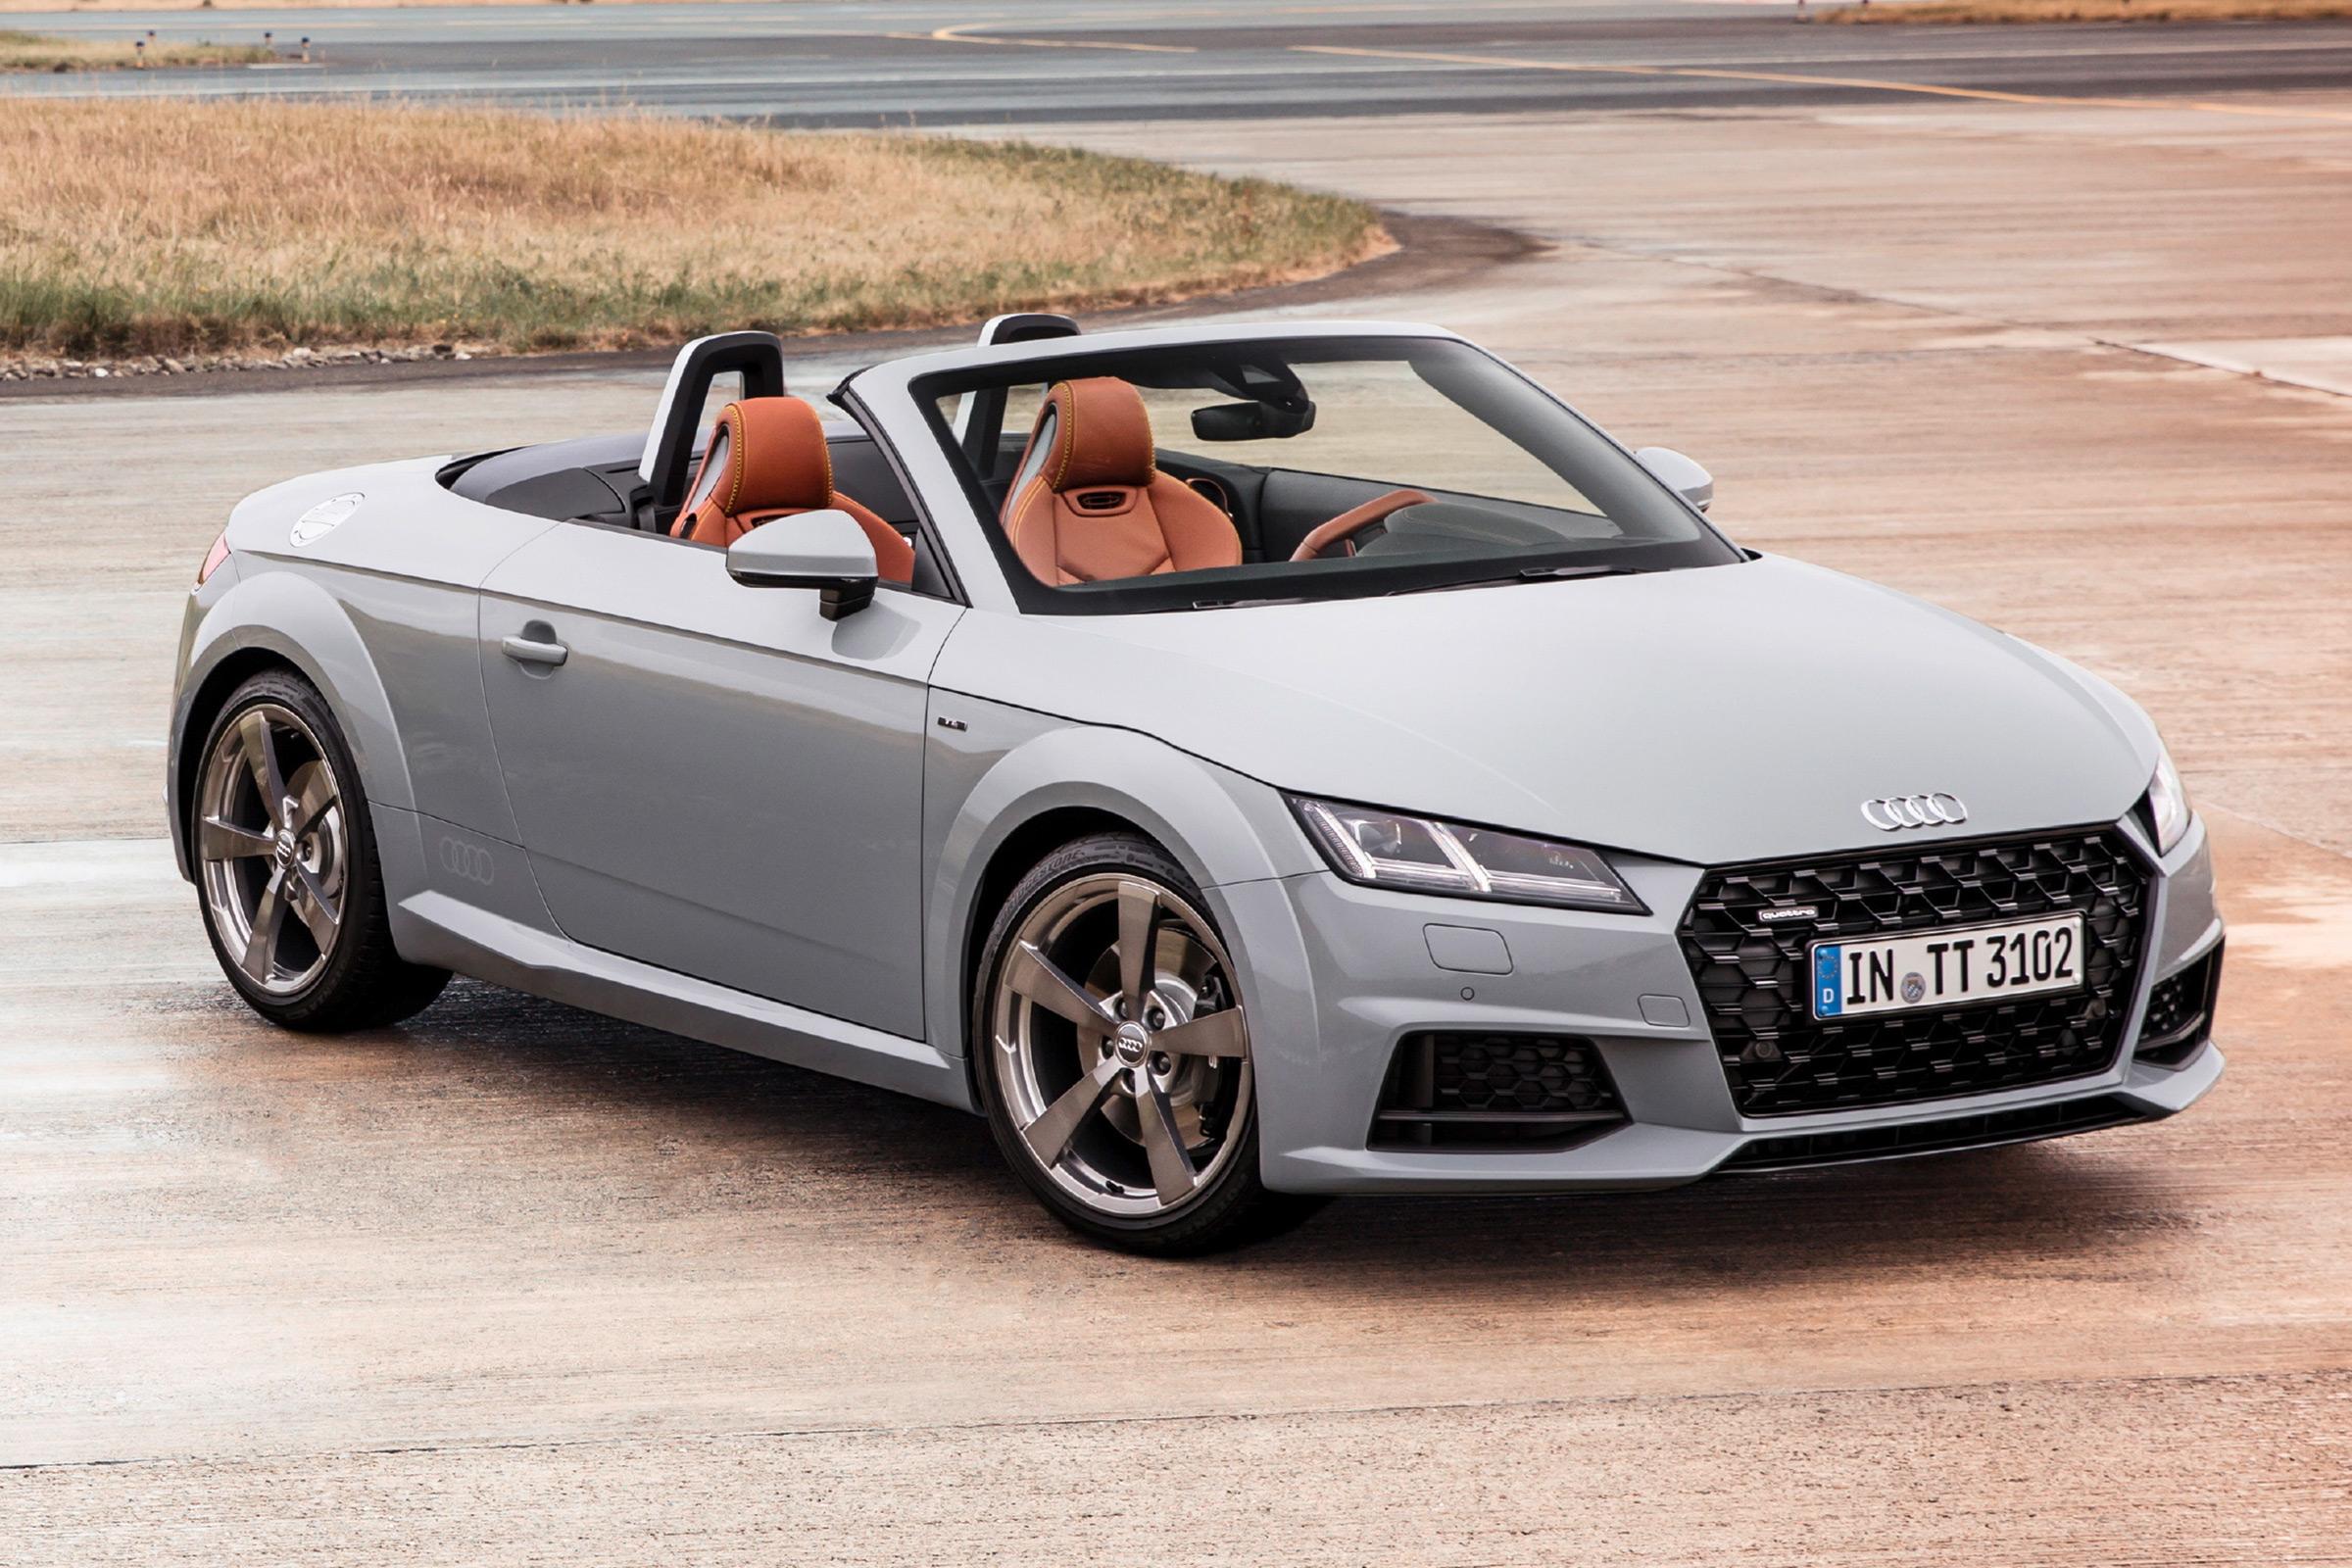 Kelebihan Audi Tt Roadster 2019 Harga